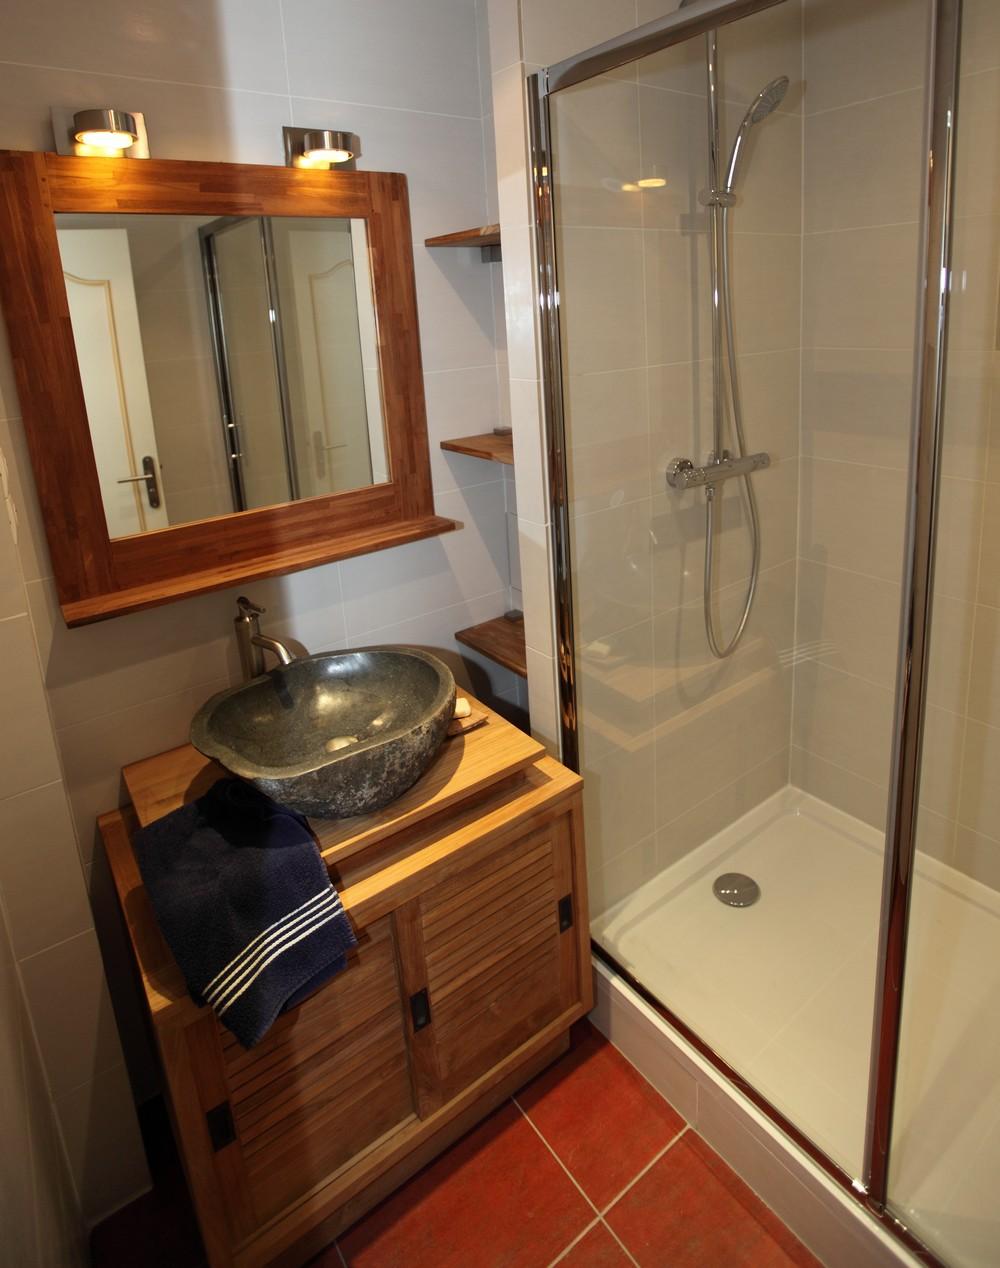 Meuble Salle De Bain Largeur 100 salle de bain - meubles meubles pour la salle de bain